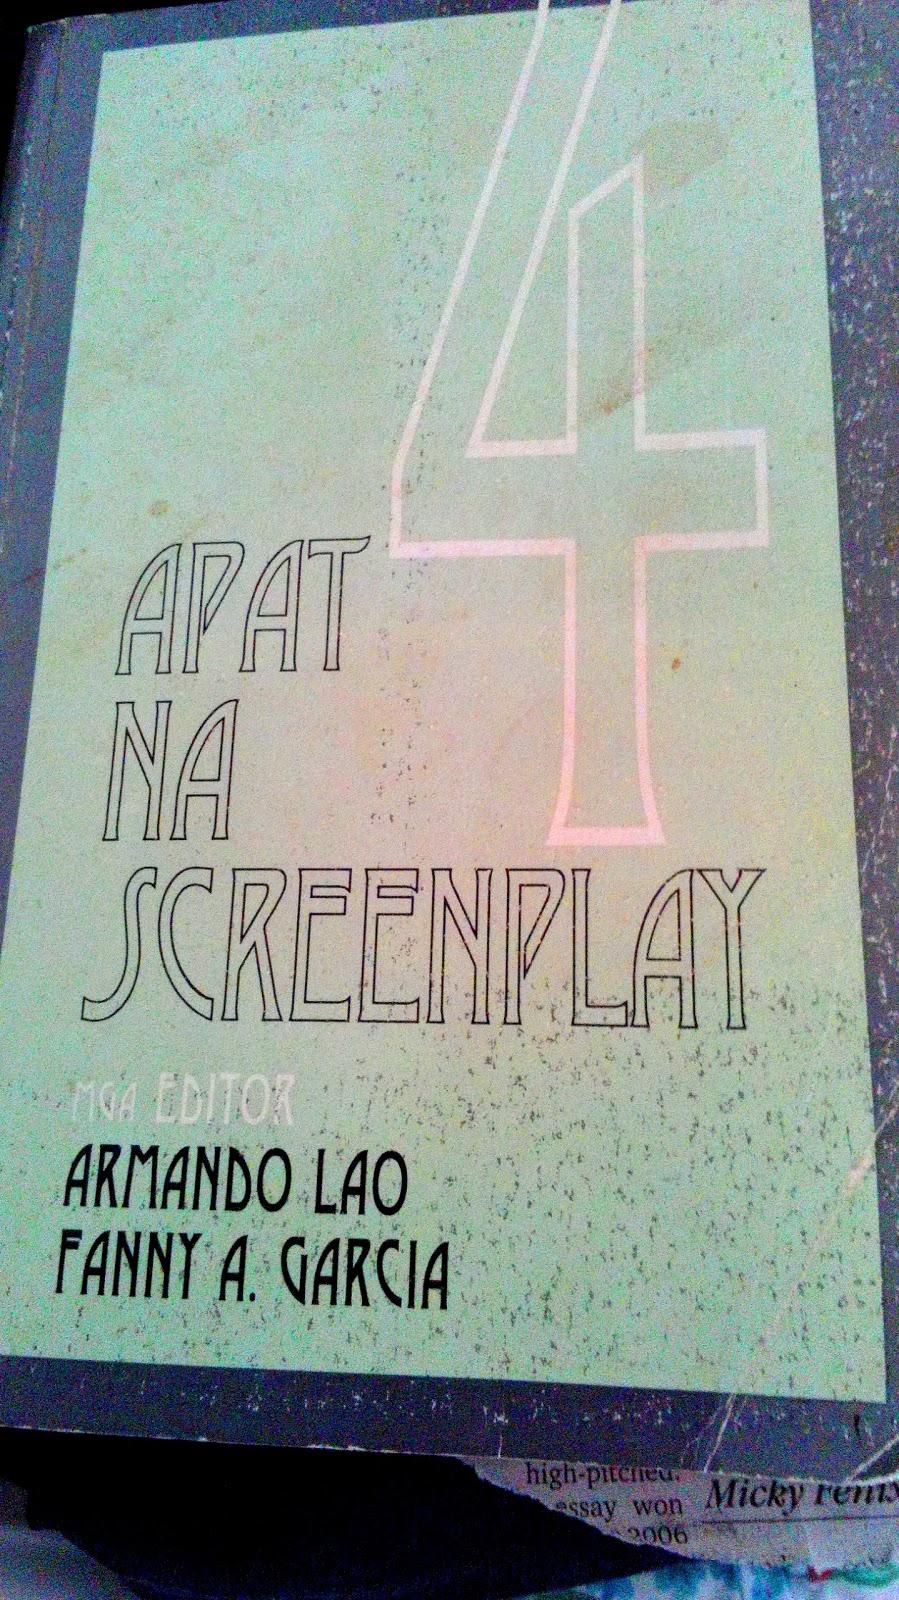 apat na screenplay armando lao a garcia editors book review